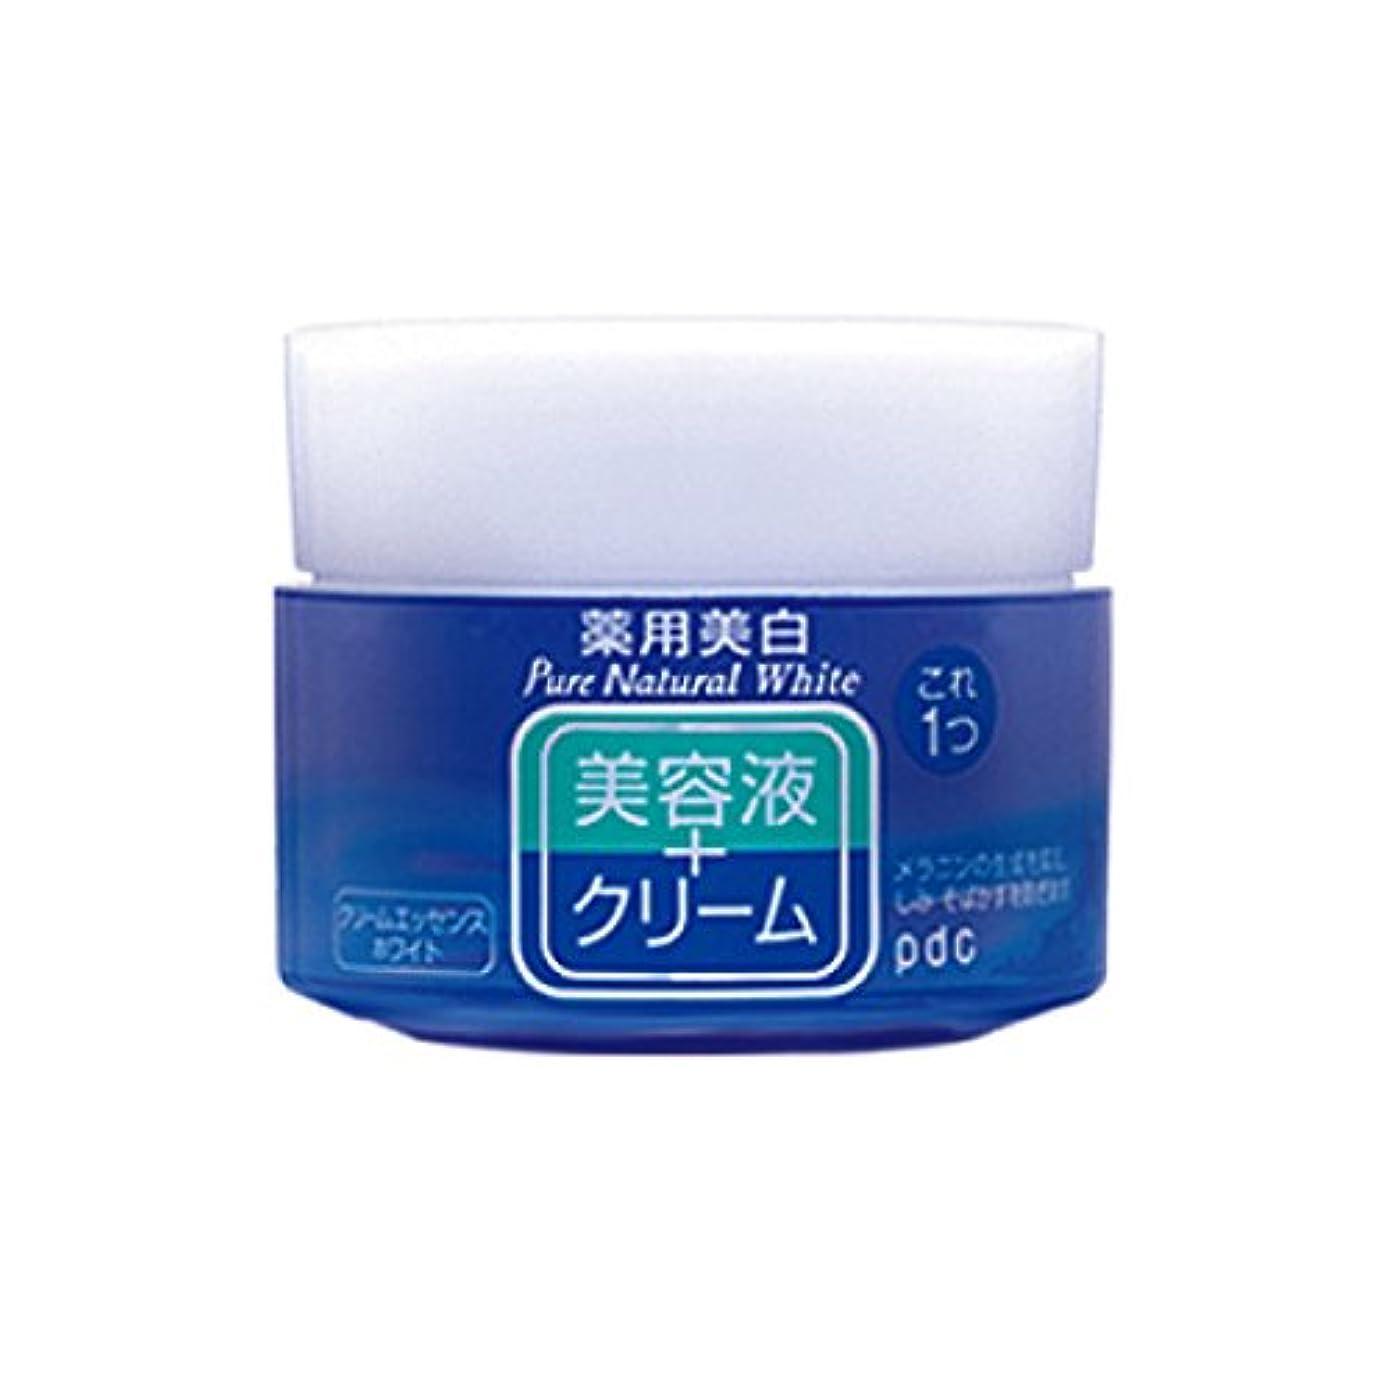 ネーピアせっかちタイマーPure NATURAL(ピュアナチュラル) クリームエッセンス ホワイト 100g (医薬部外品)